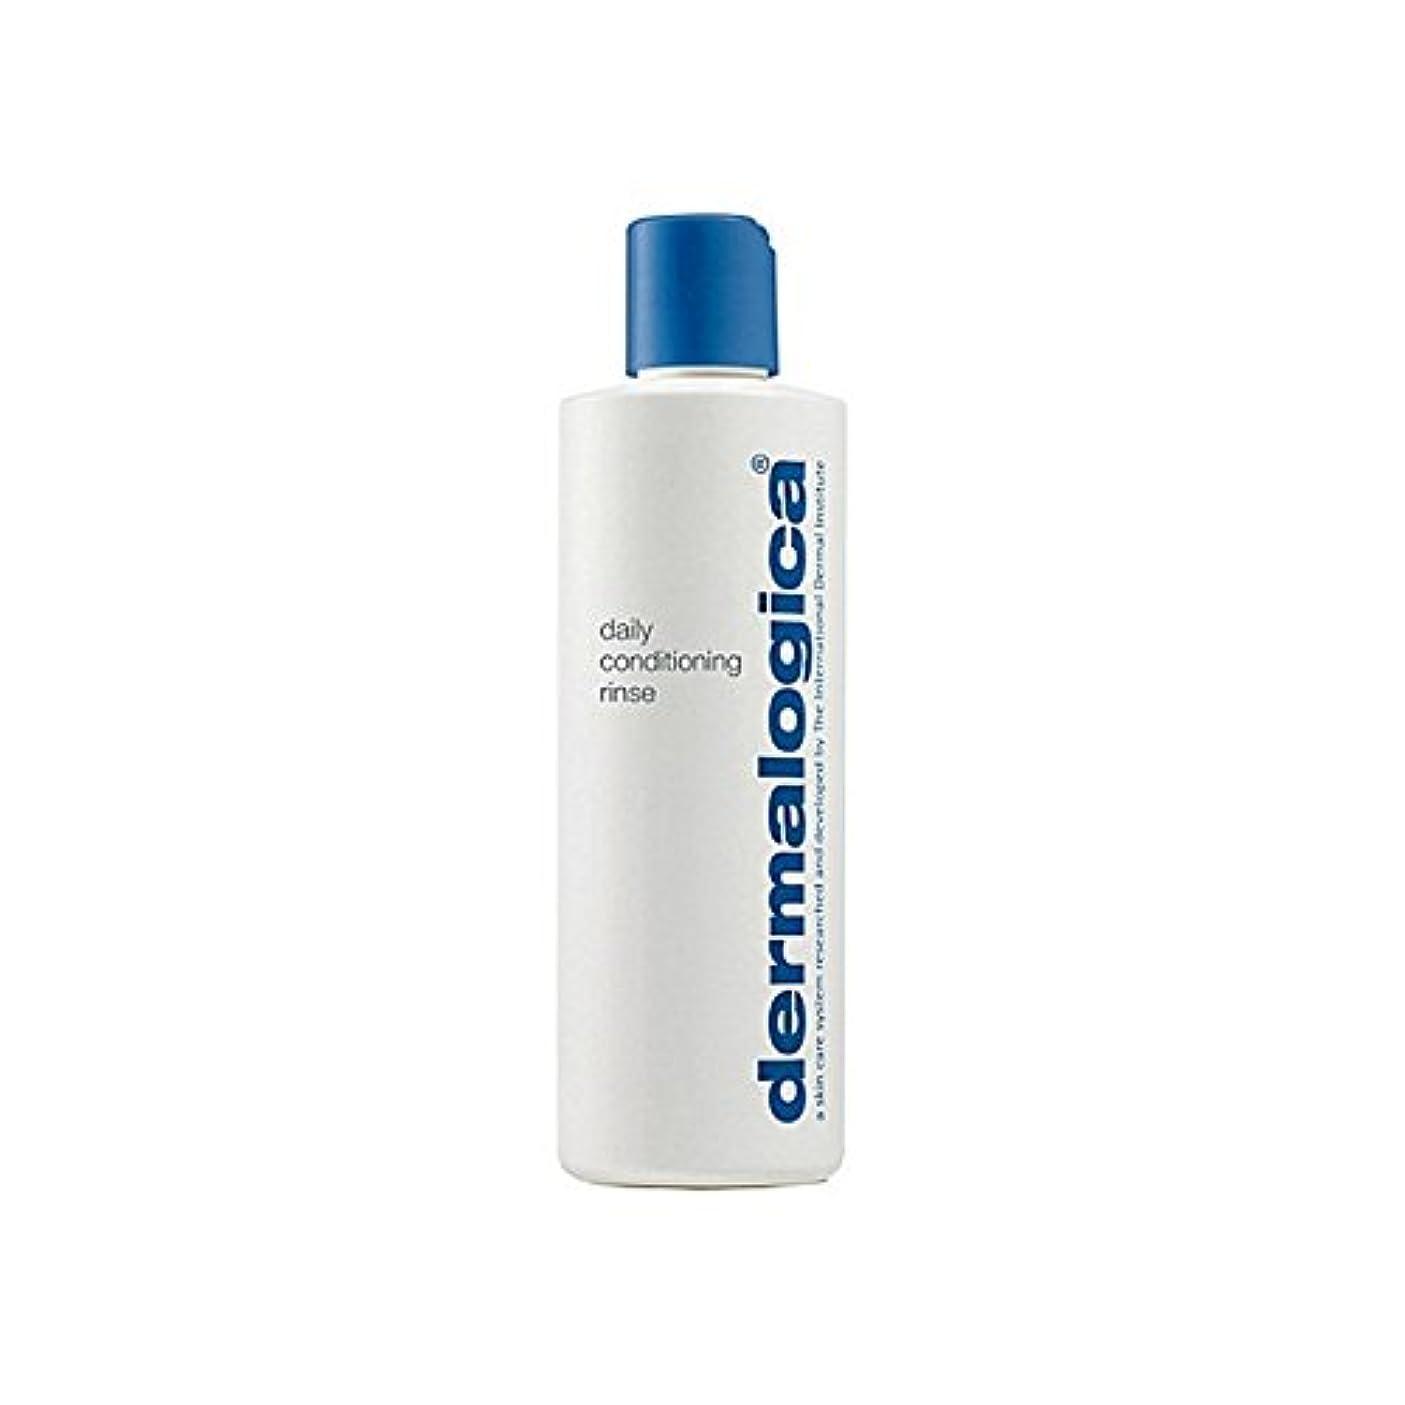 コークス対人価格ダーマロジカ毎日コンディショニングリンス50ミリリットル x4 - Dermalogica Daily Conditioning Rinse 50ml (Pack of 4) [並行輸入品]